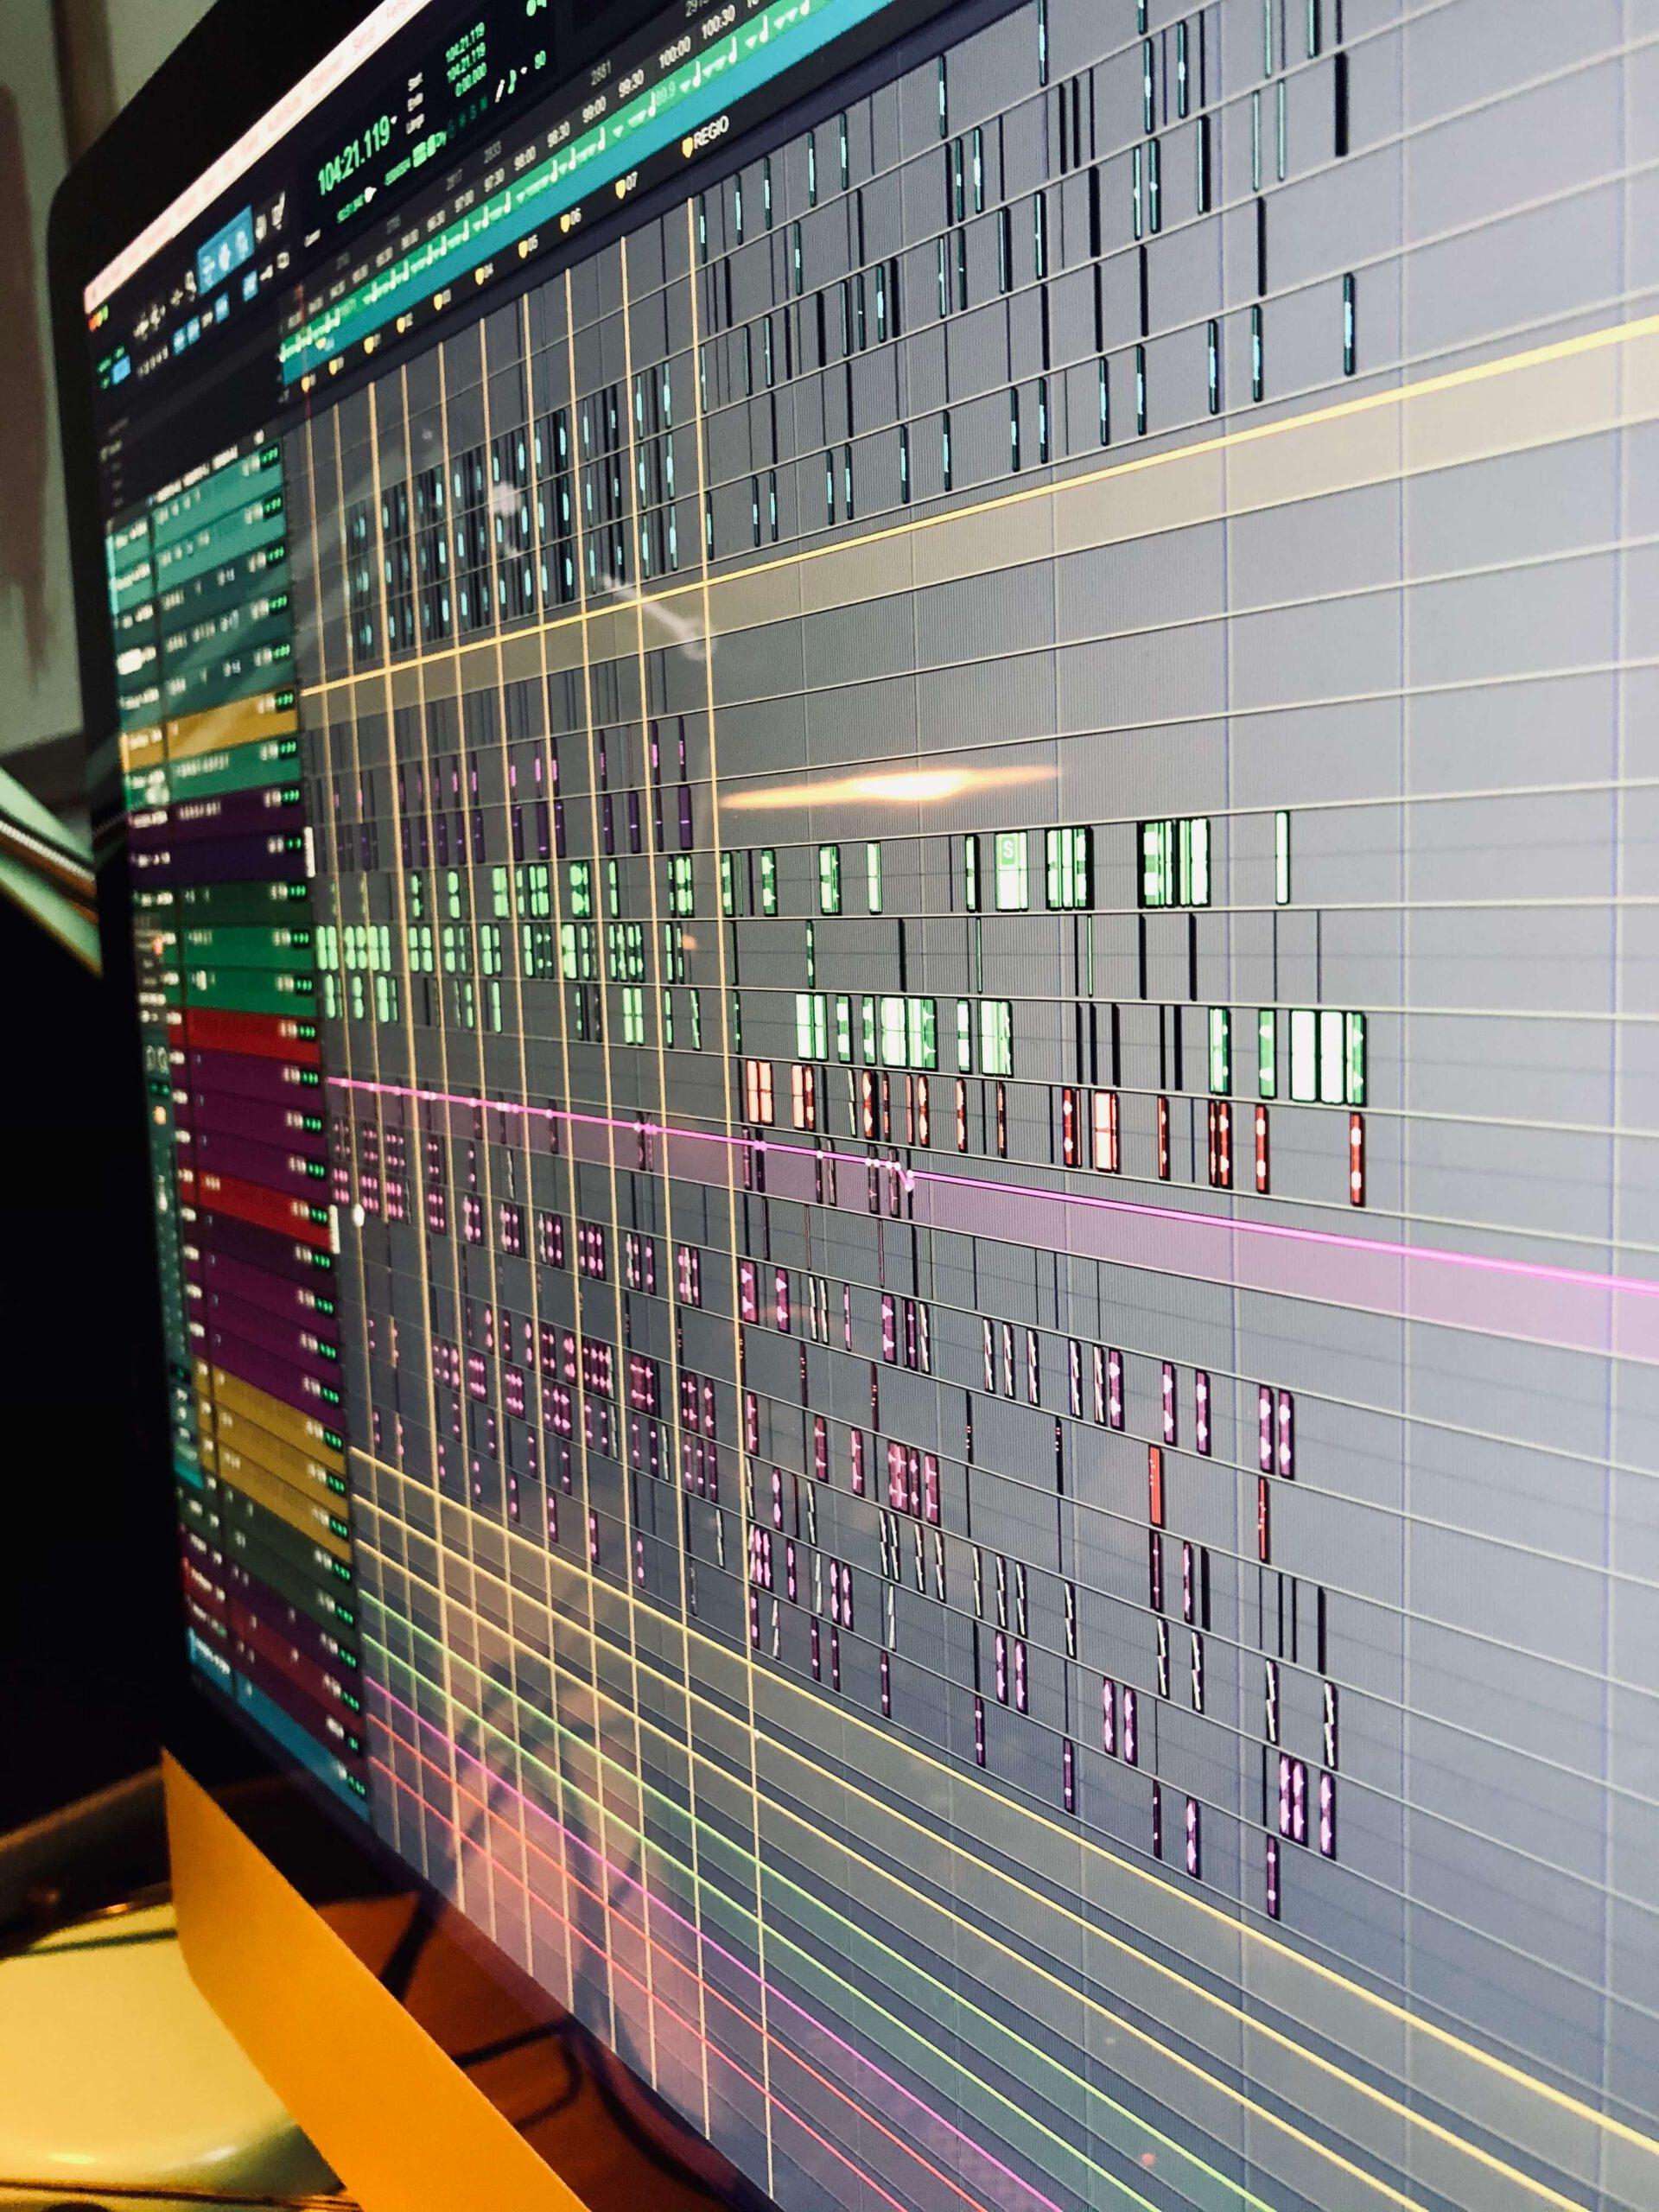 Bildschirm auf dem ein Musikprogramm geöffnet ist